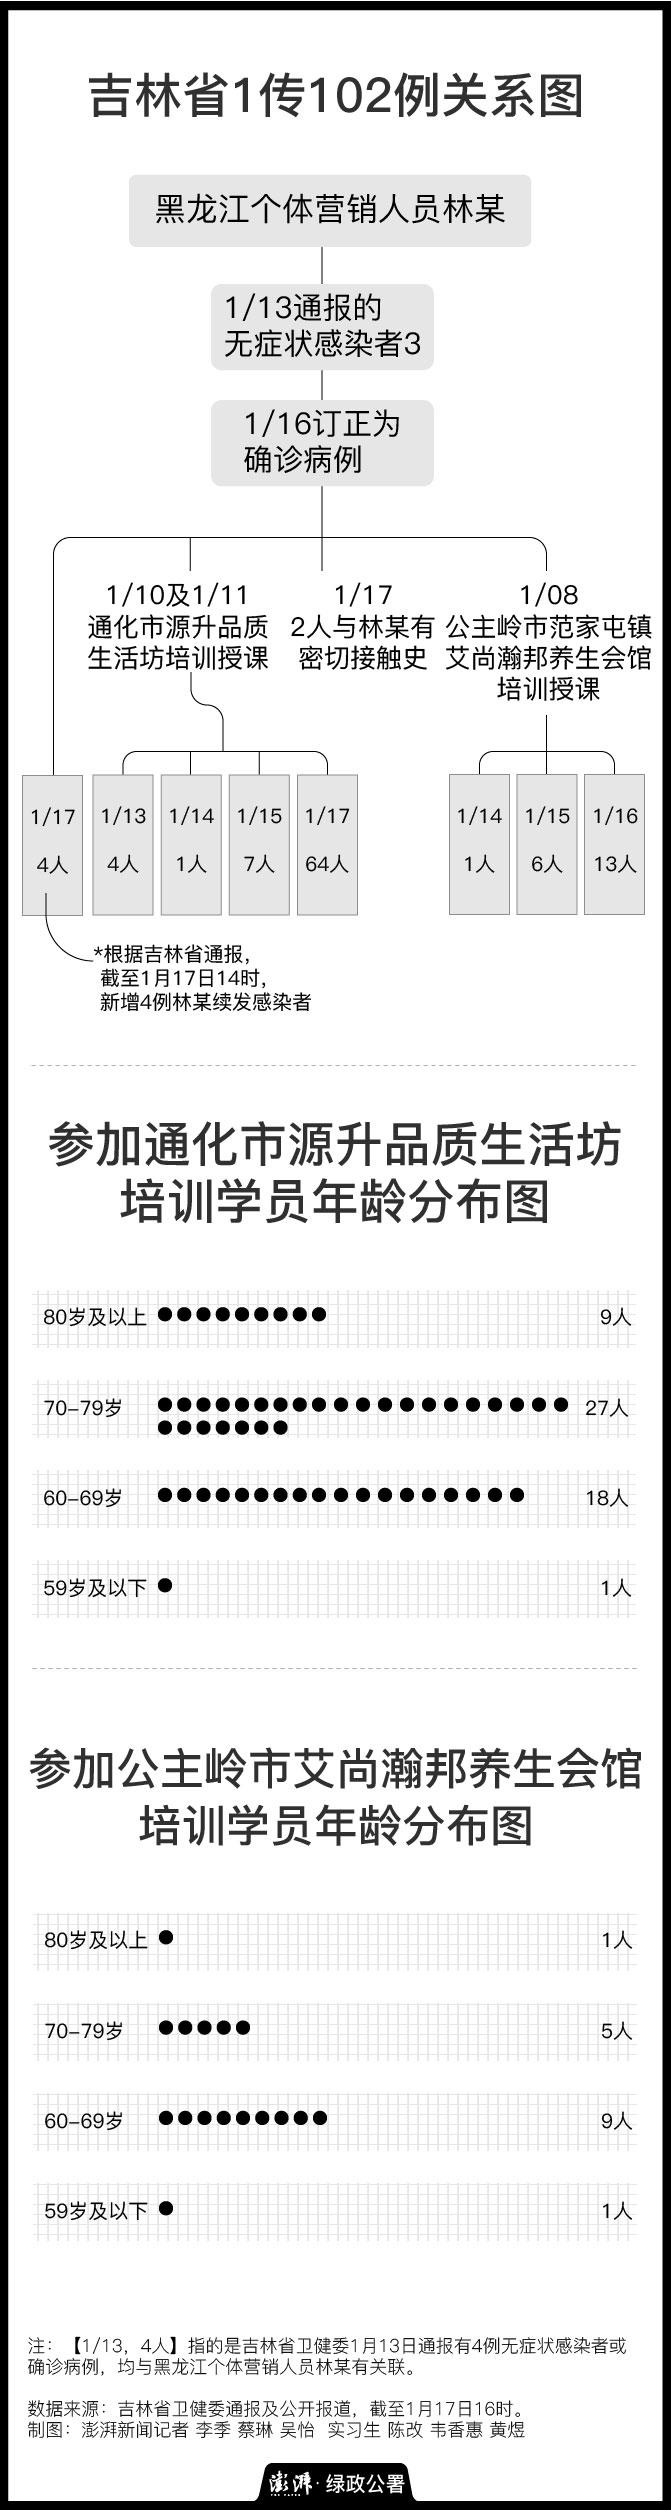 吉林1传102例关系图(数据来源:吉林省卫健委,截至1月17日16时)